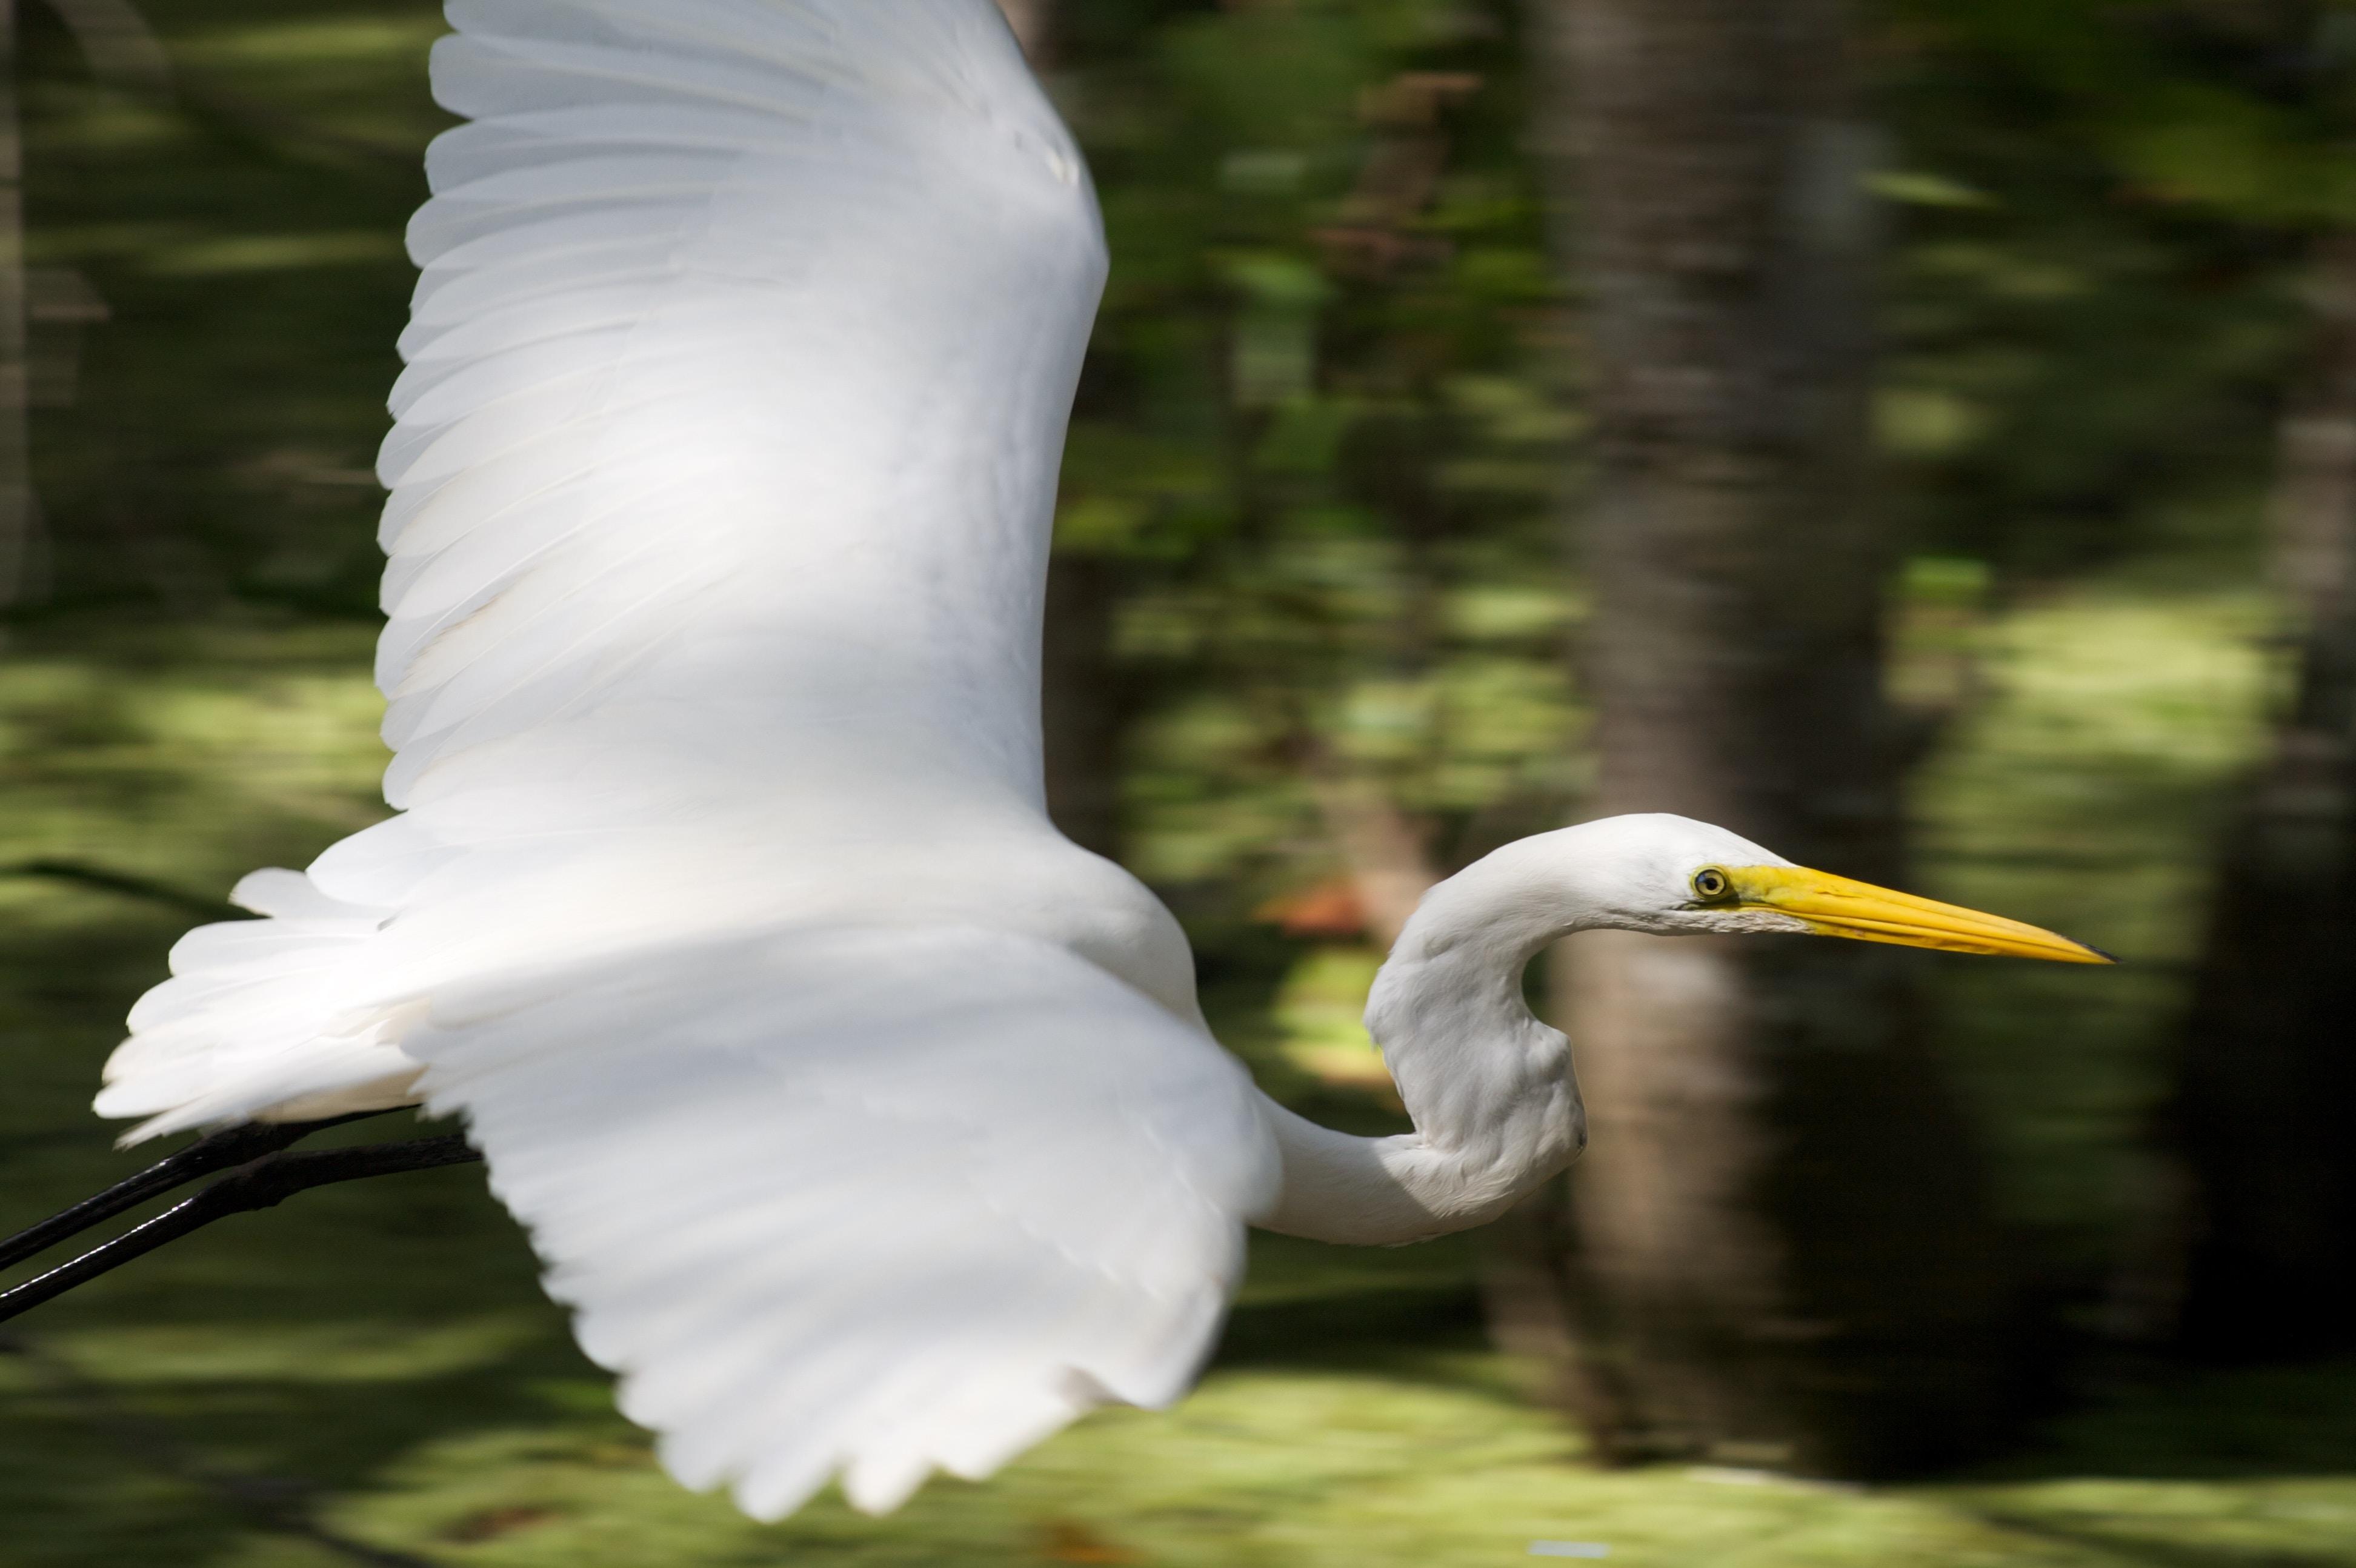 white long-beaked bird flying over tree